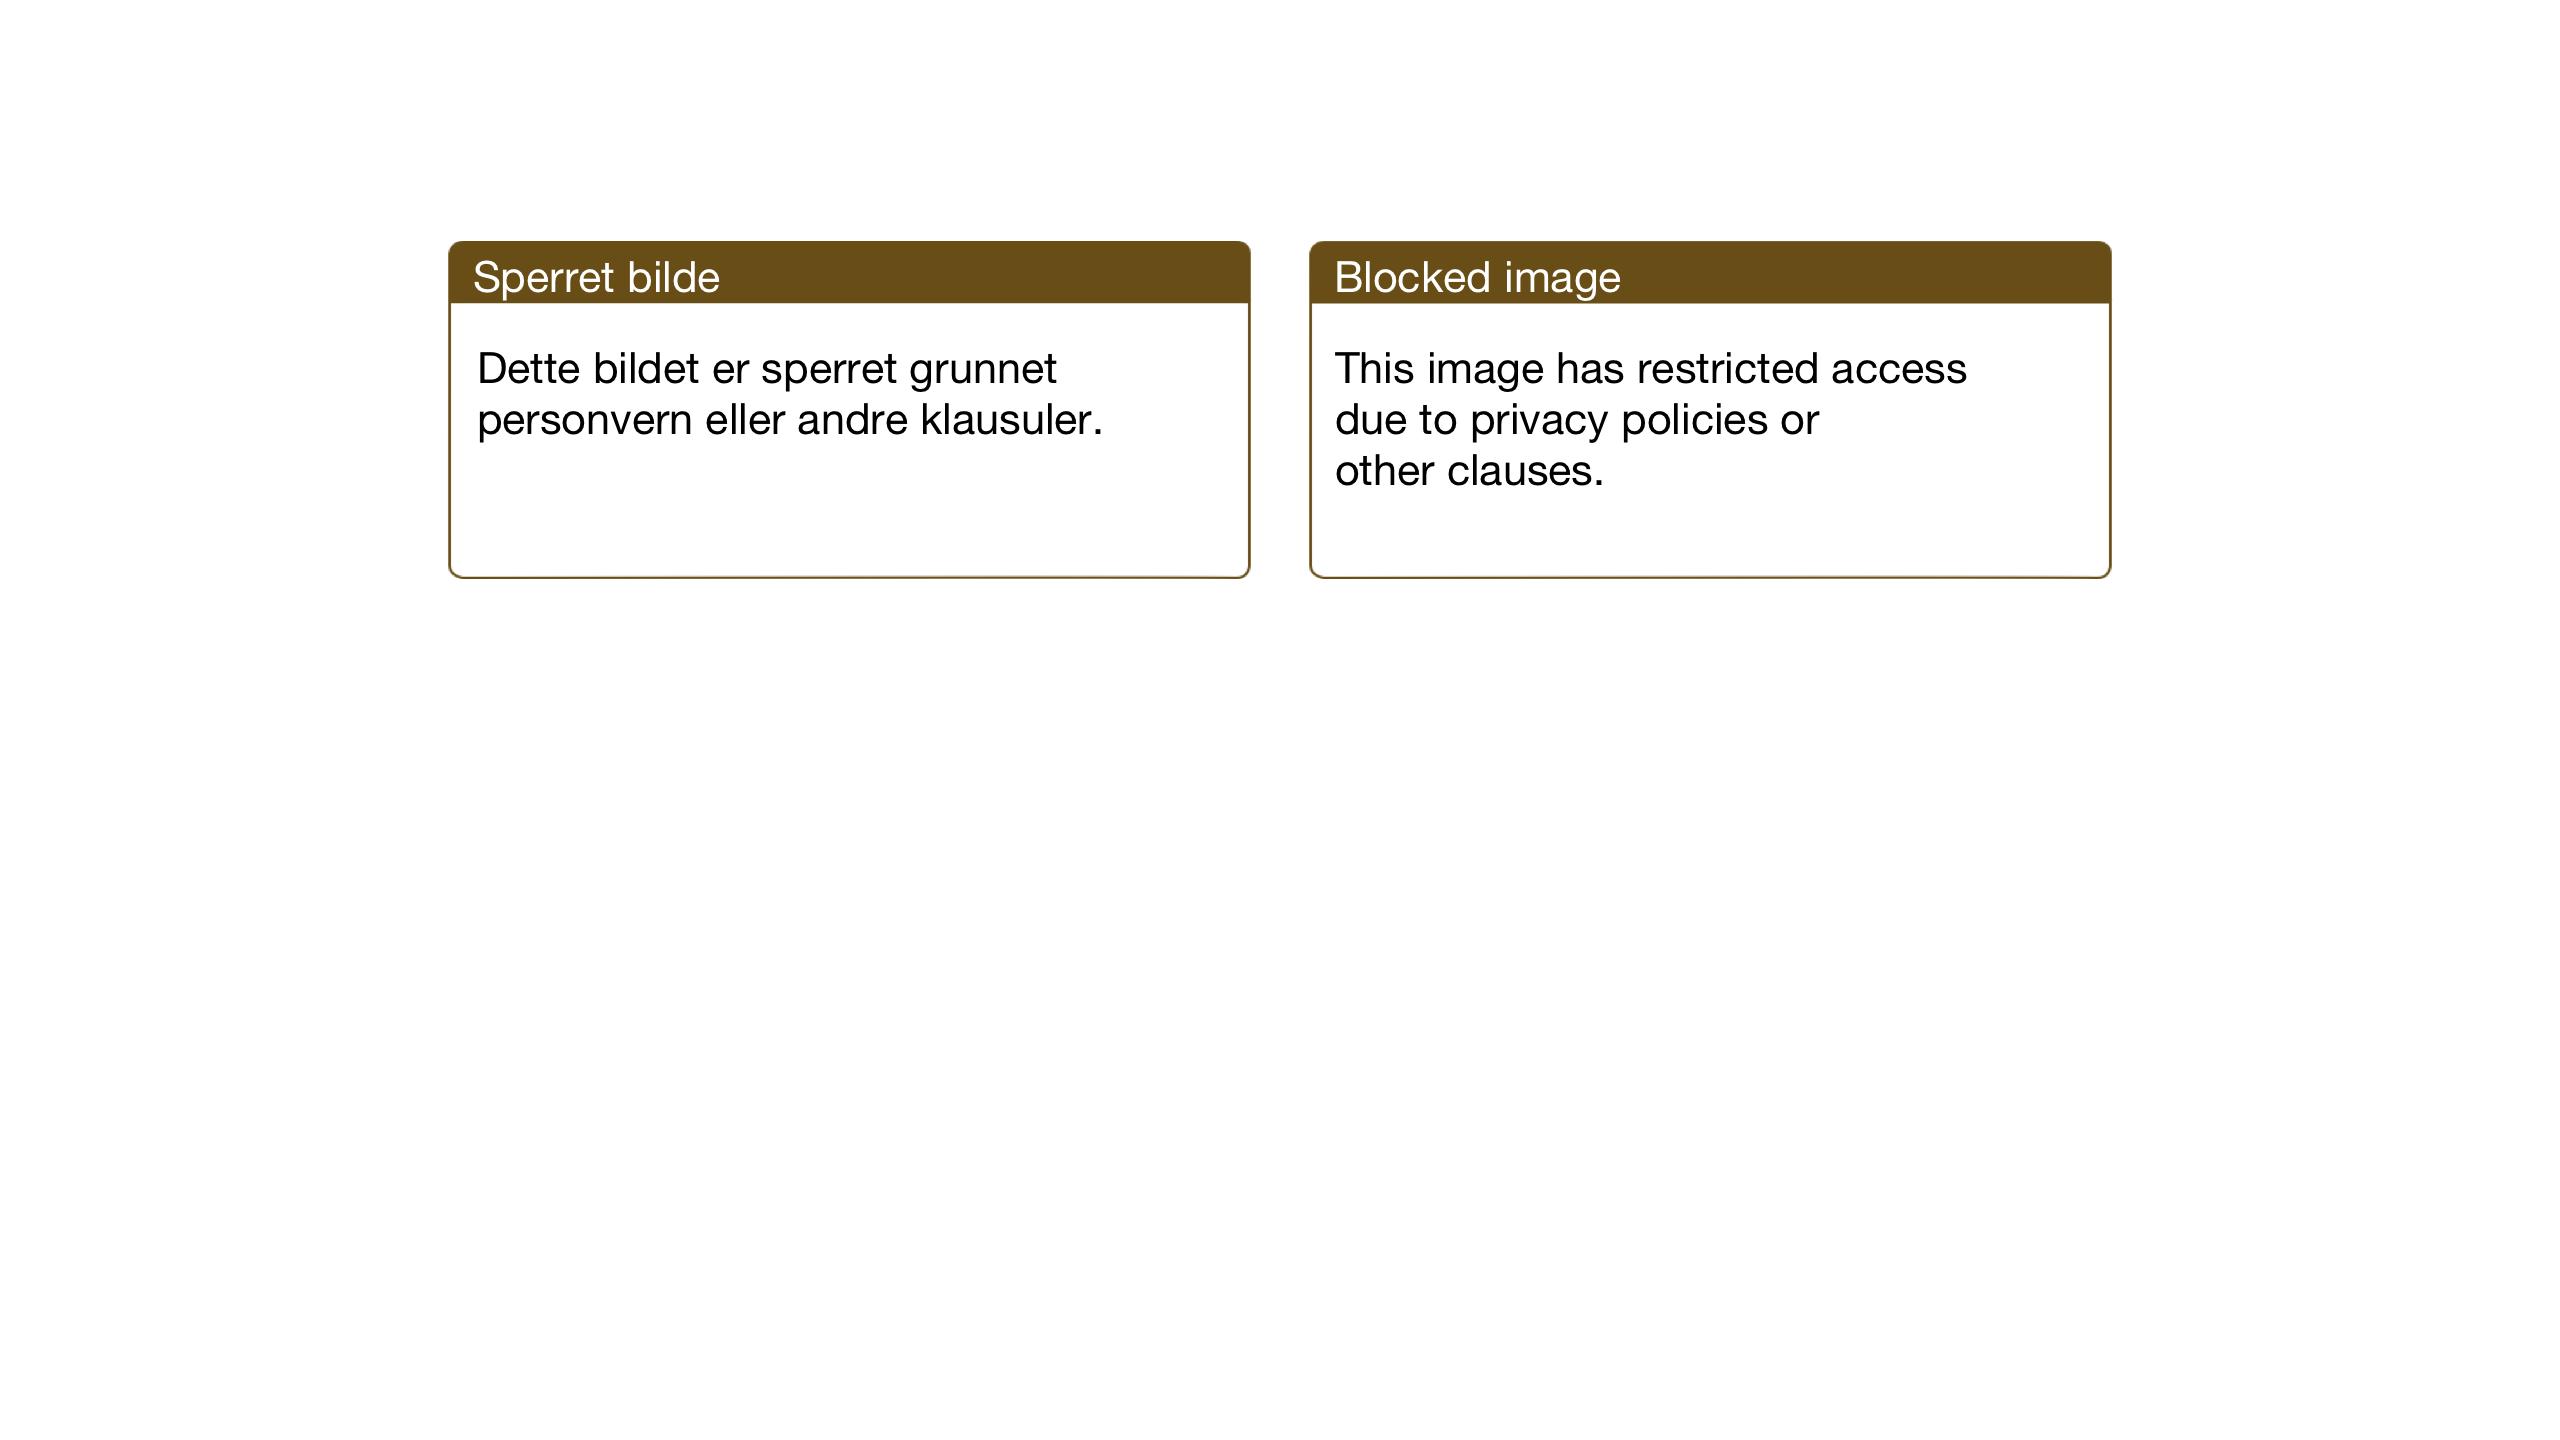 SAT, Ministerialprotokoller, klokkerbøker og fødselsregistre - Nord-Trøndelag, 747/L0460: Klokkerbok nr. 747C02, 1908-1939, s. 29